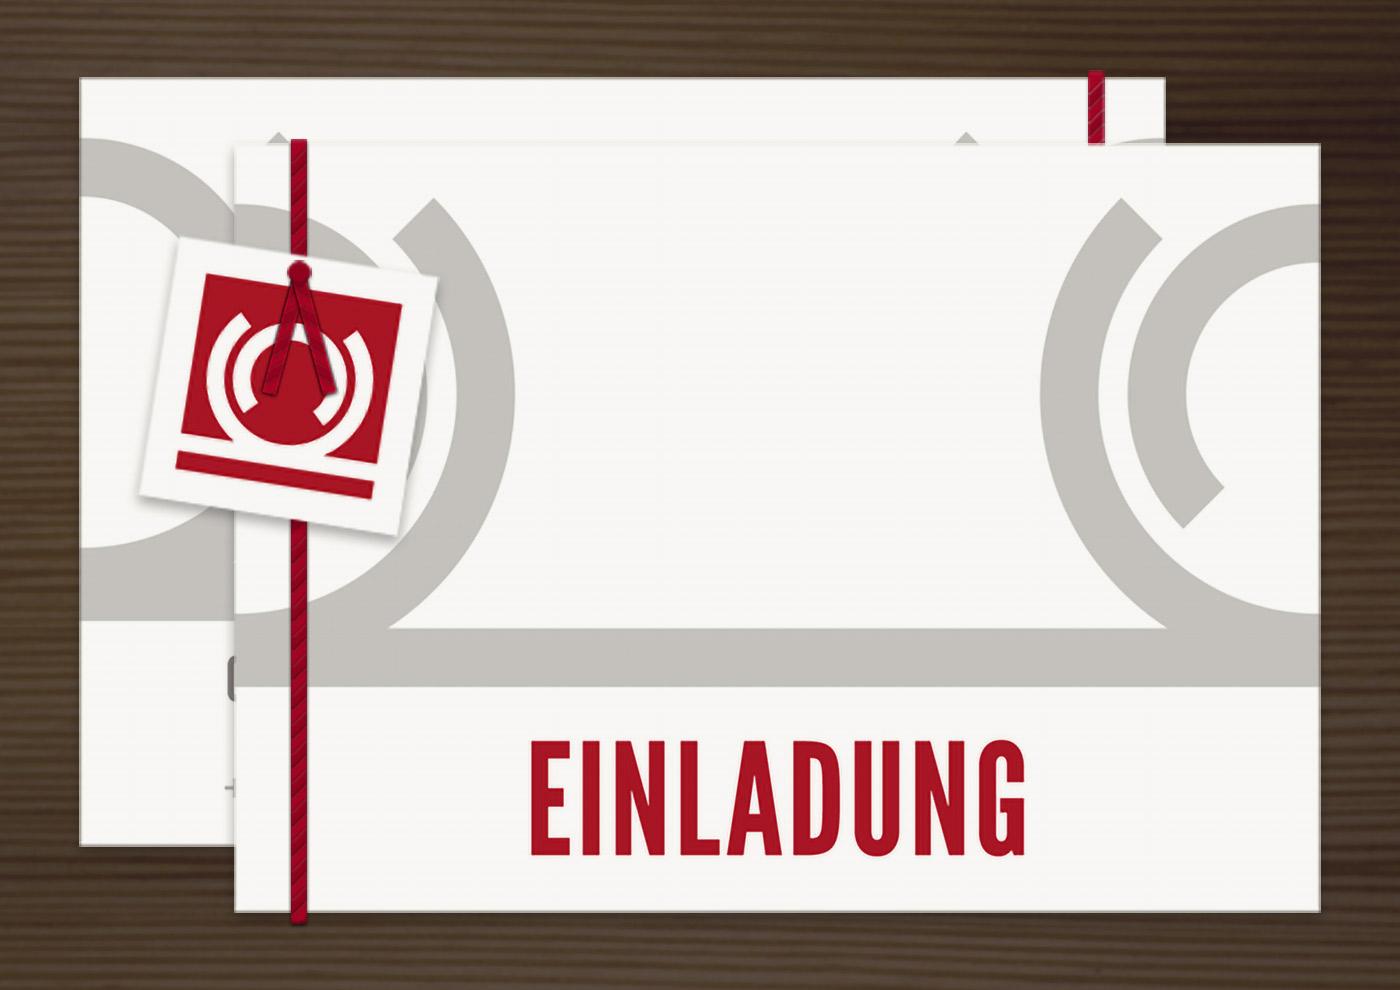 Einladungskarte und Anhänger, Grafik Design von Logo und Corporate Identity für Hochzeit und gemeinsames Leben des Paares